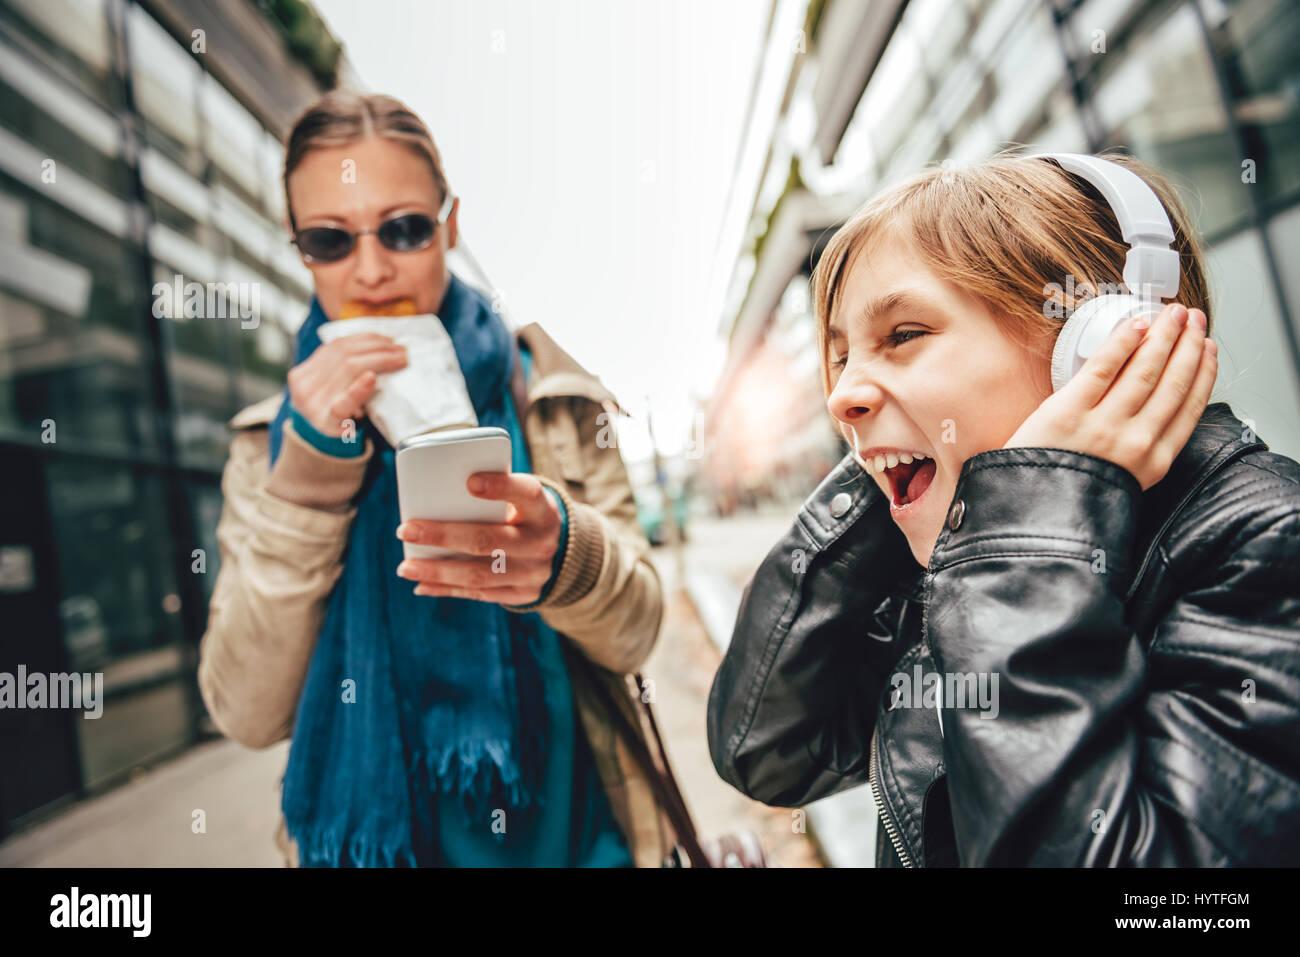 L'écoute de la musique sur le casque fille avec mère debout à côté d'alimentation Photo Stock